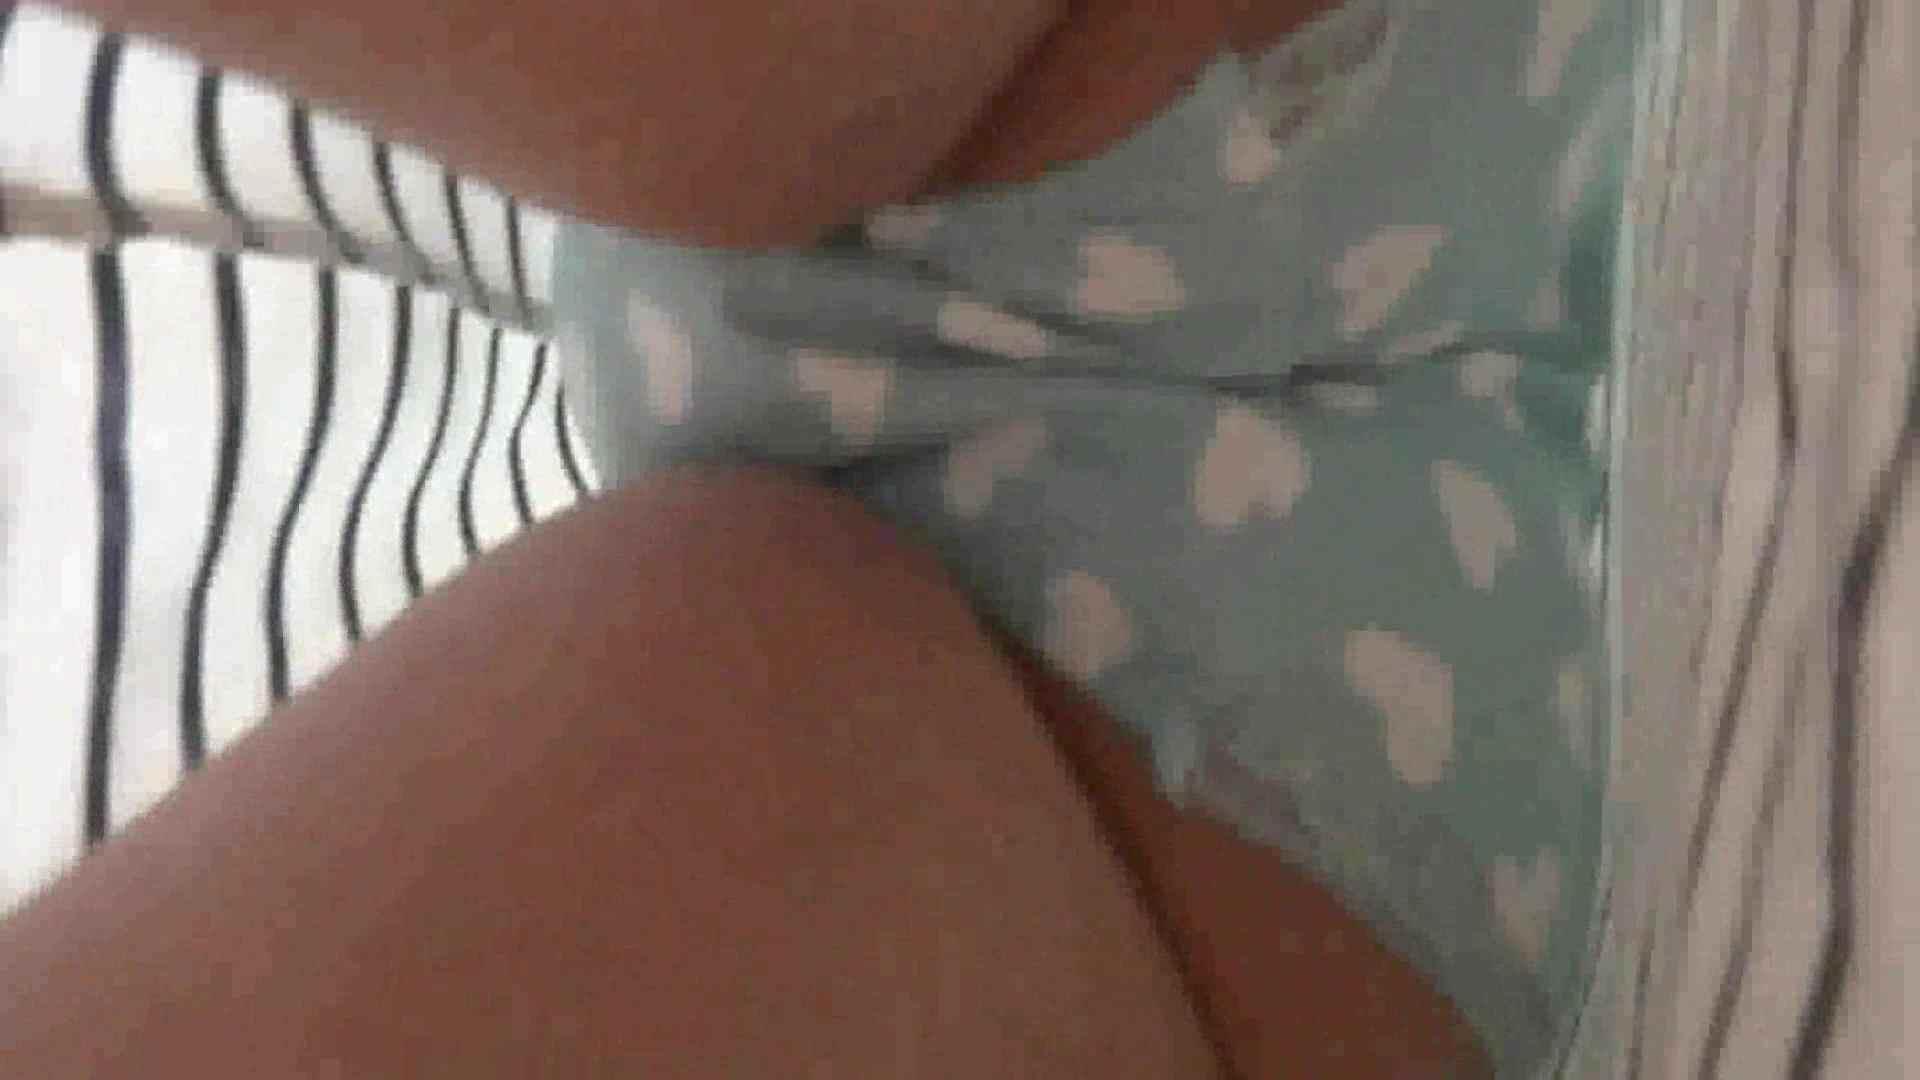 真剣に買い物中のgal達を上から下から狙います。vol.01 OLのエッチ セックス画像 79pic 47